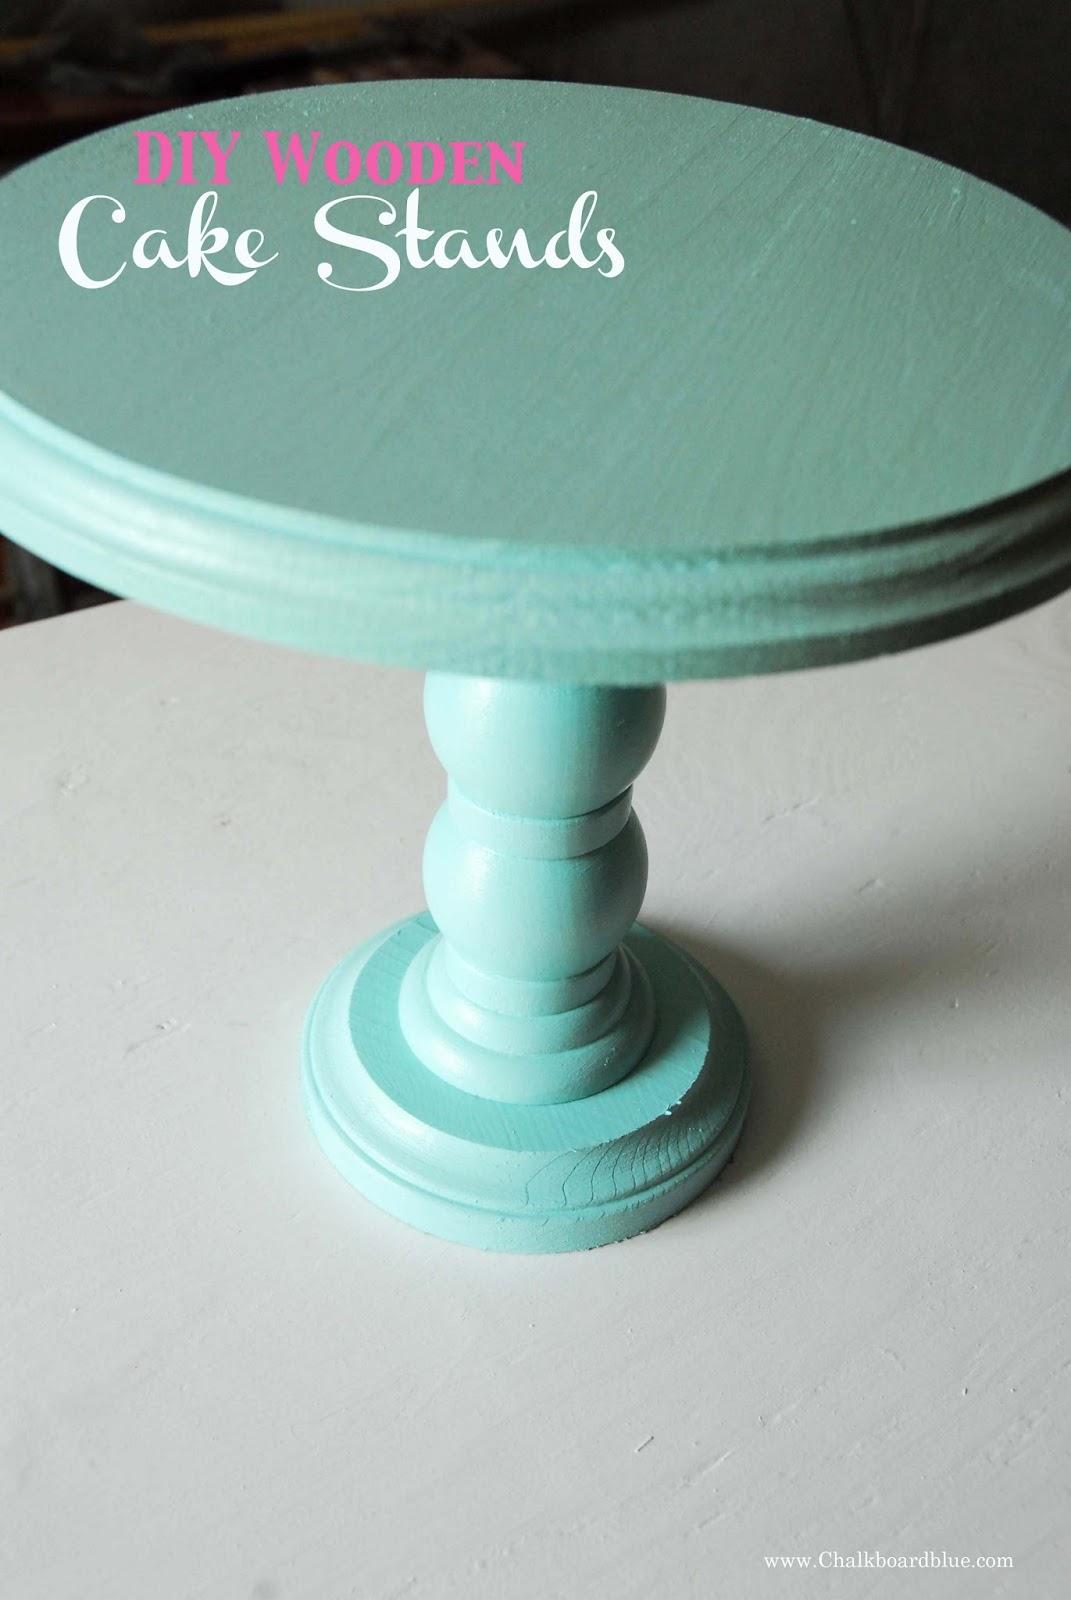 Chalkboard Blue: DIY Wooden Cake Stands...